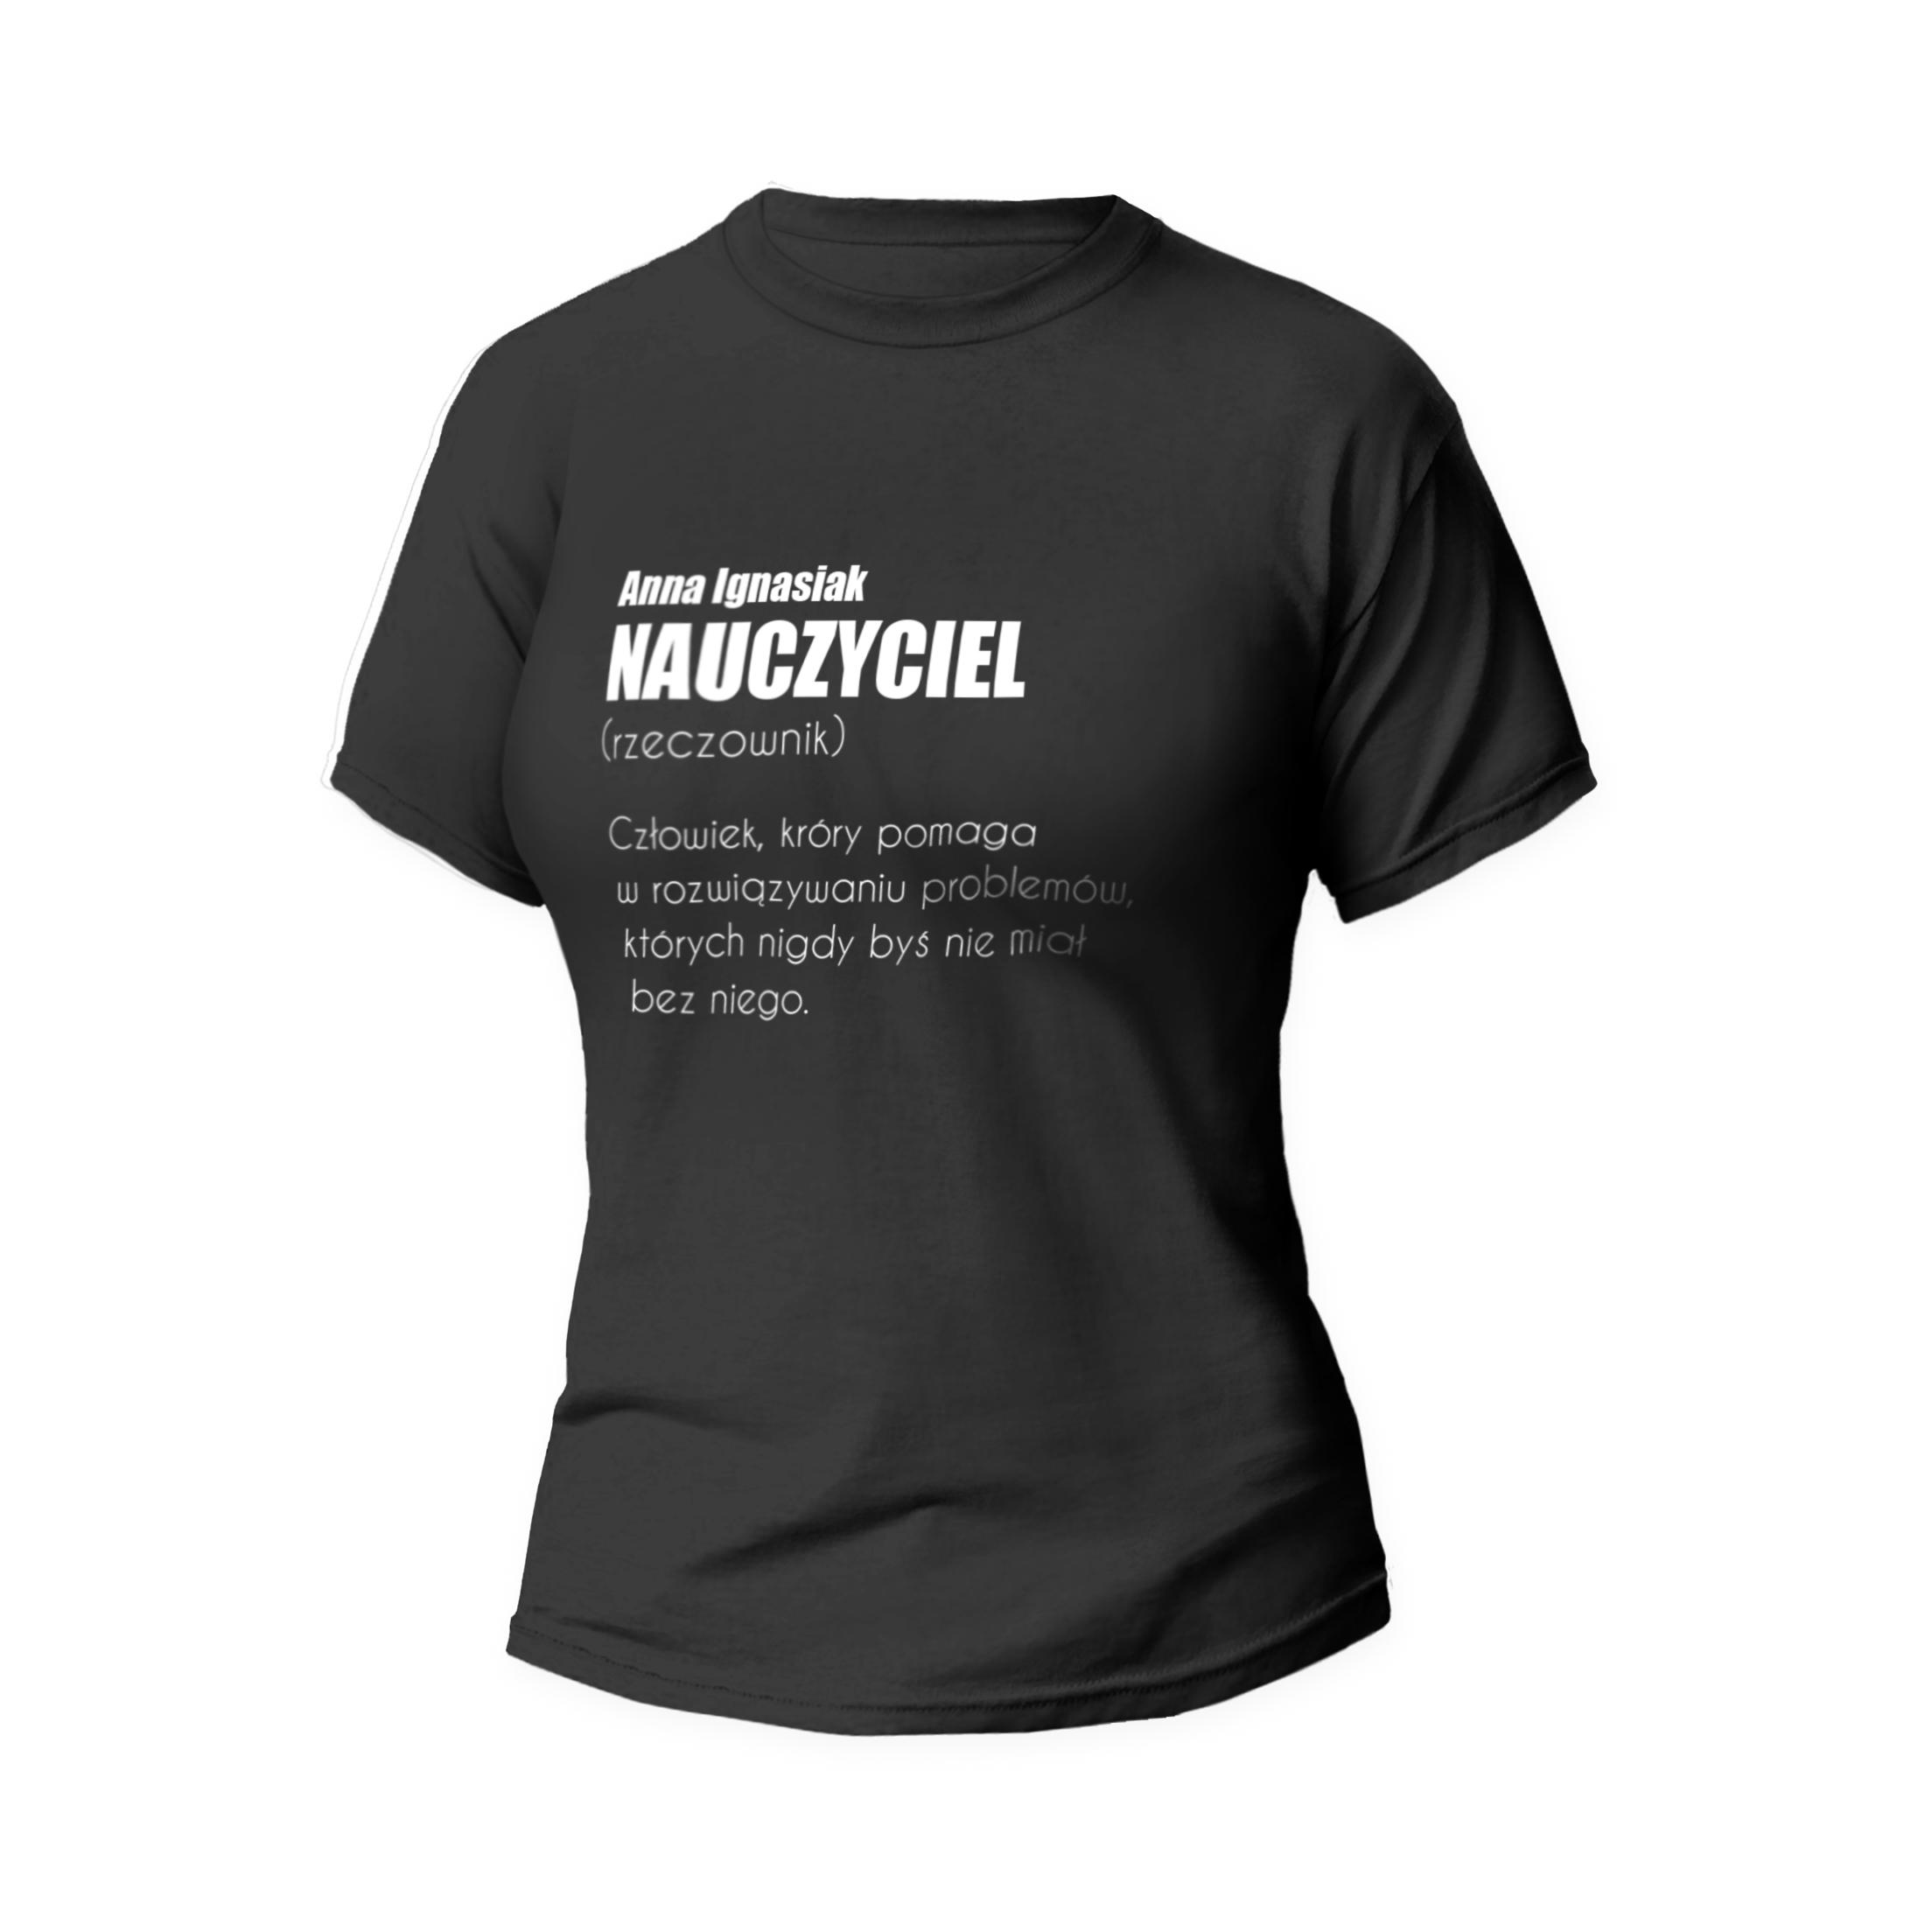 Rozmiar XL - koszulka damska dla nauczycielki definicja nauczyciela